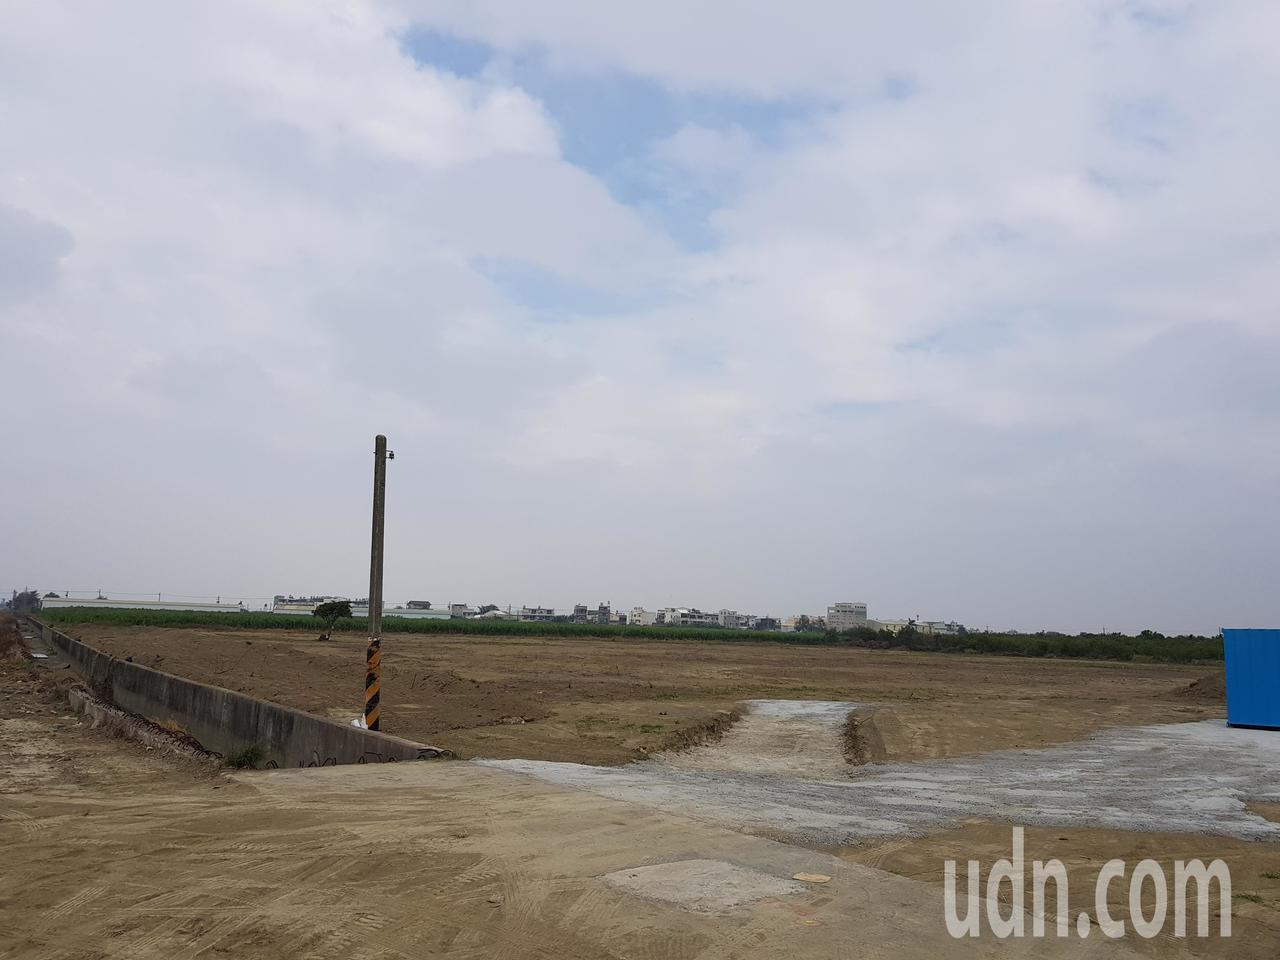 變電所預定地將變成種電場,台電七股太陽光電場預定明年7月完工。記者謝進盛/攝影